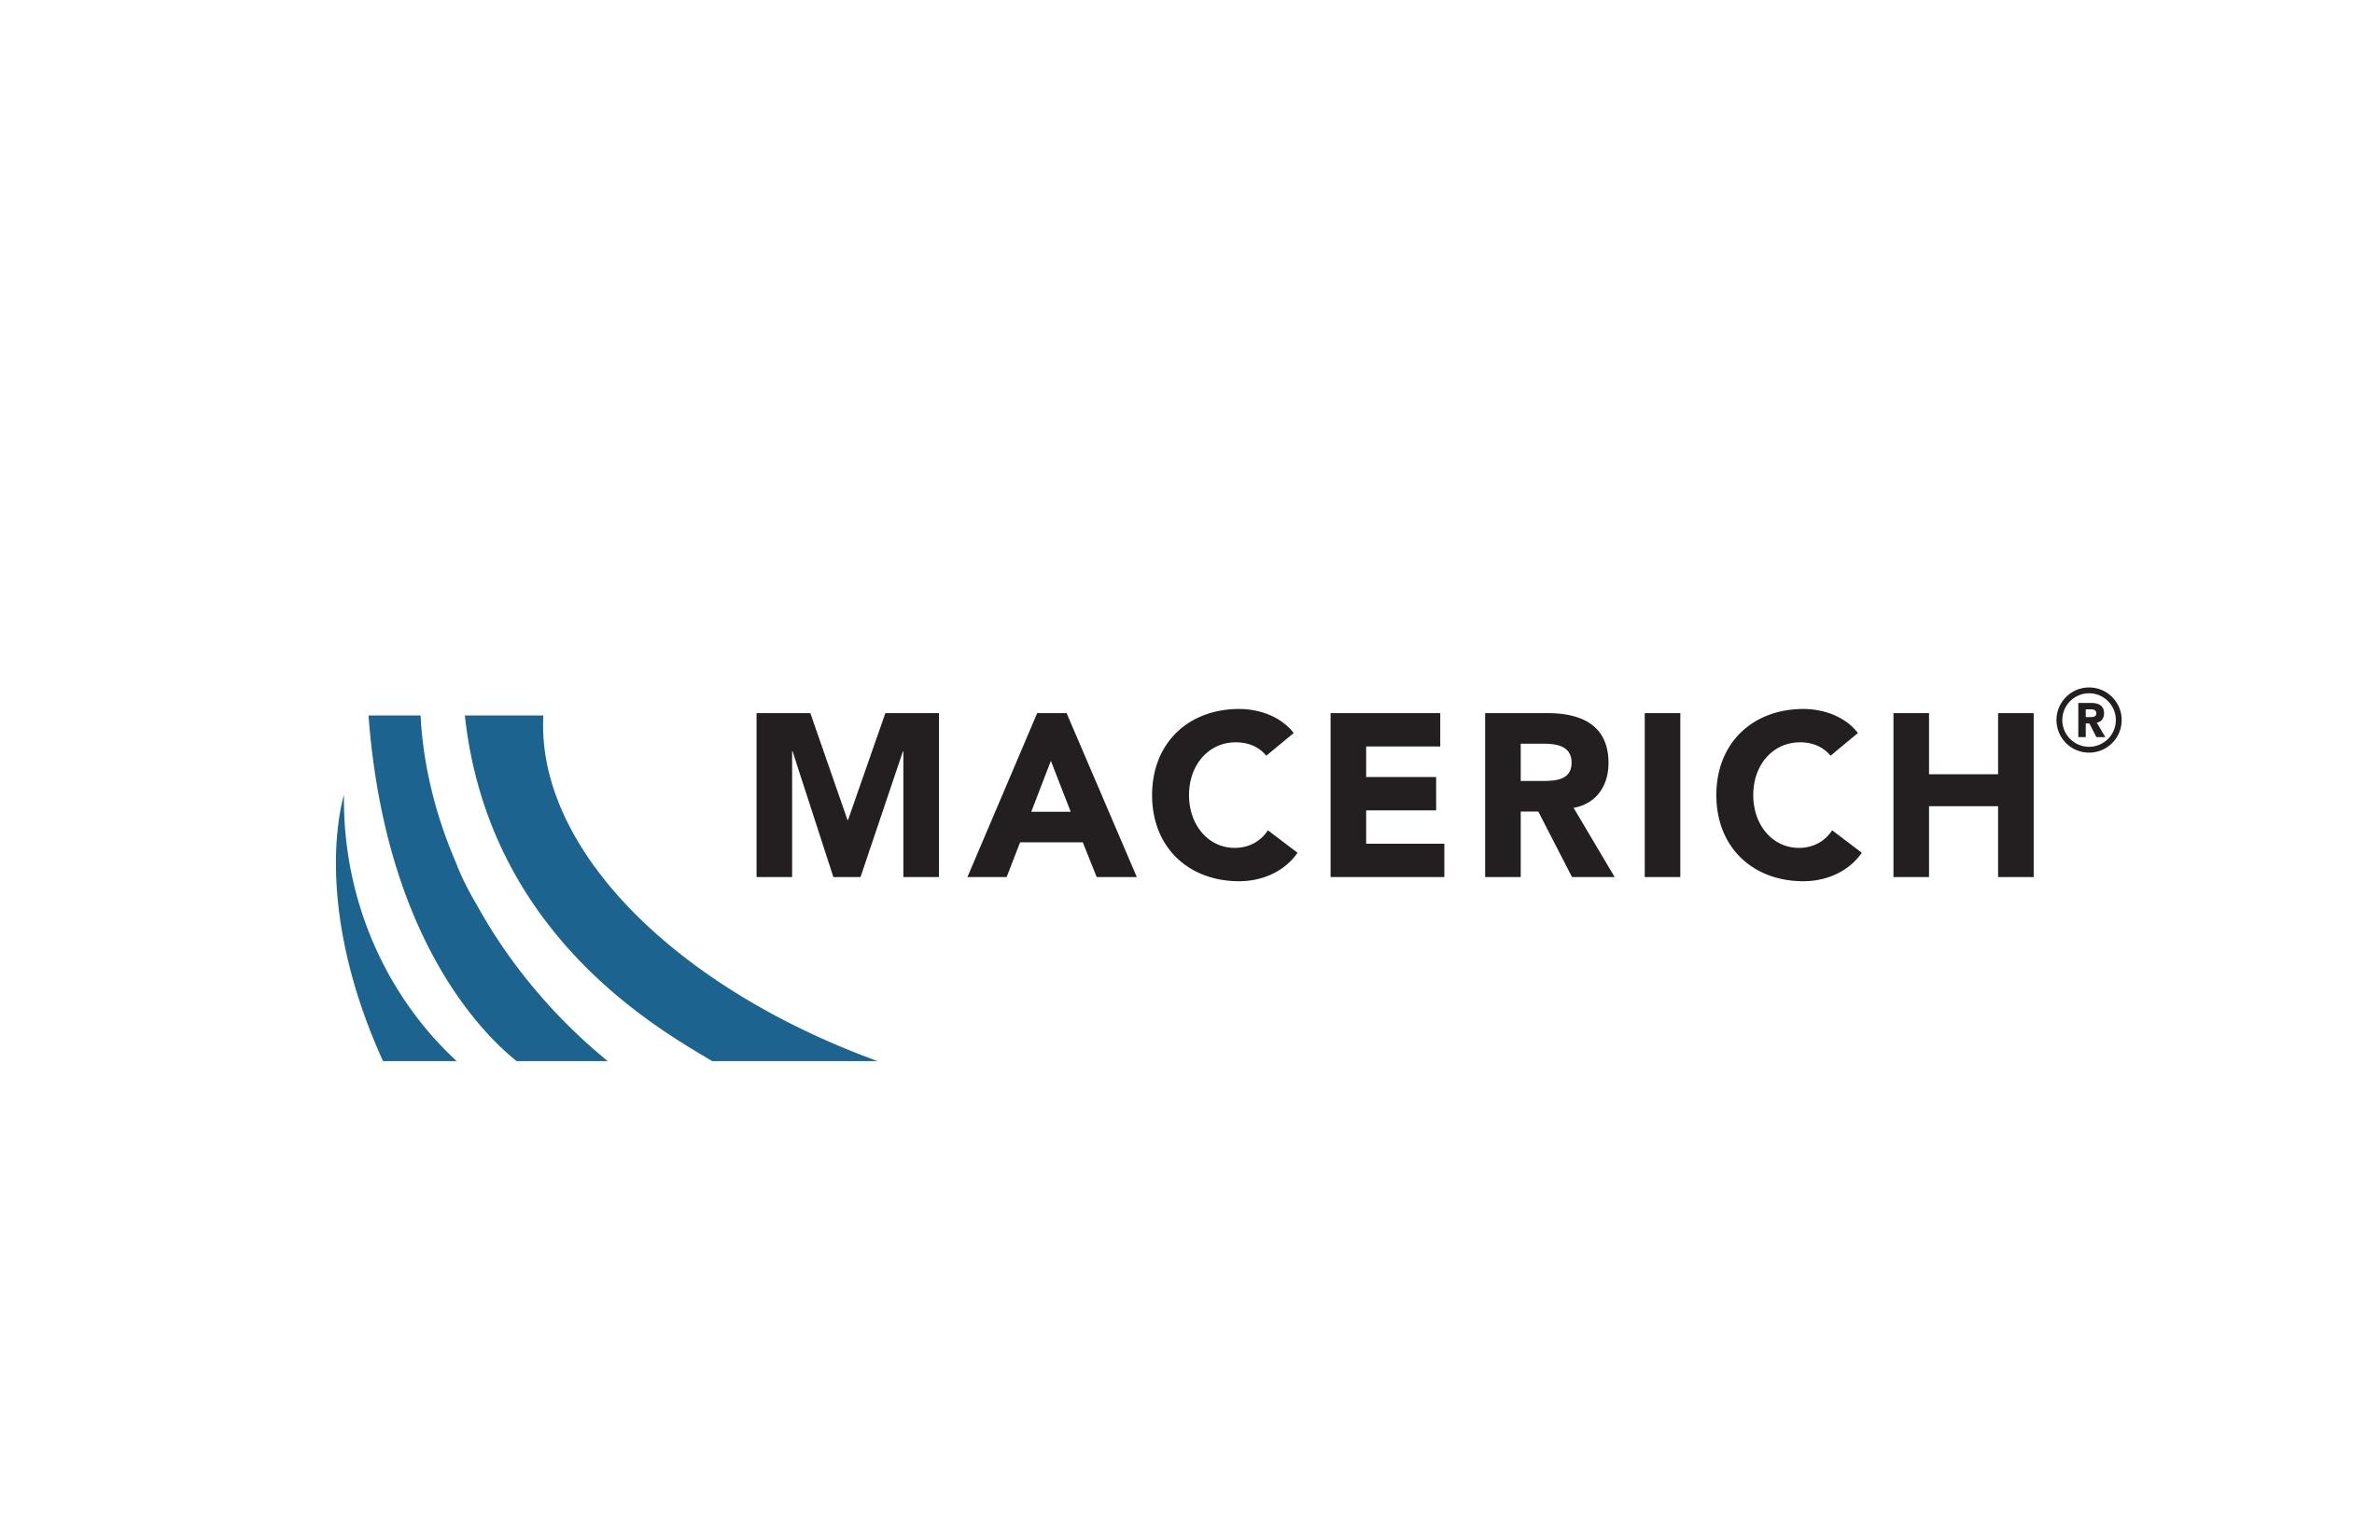 James Mahrer / Asst. Vice President of Construction / Macerich